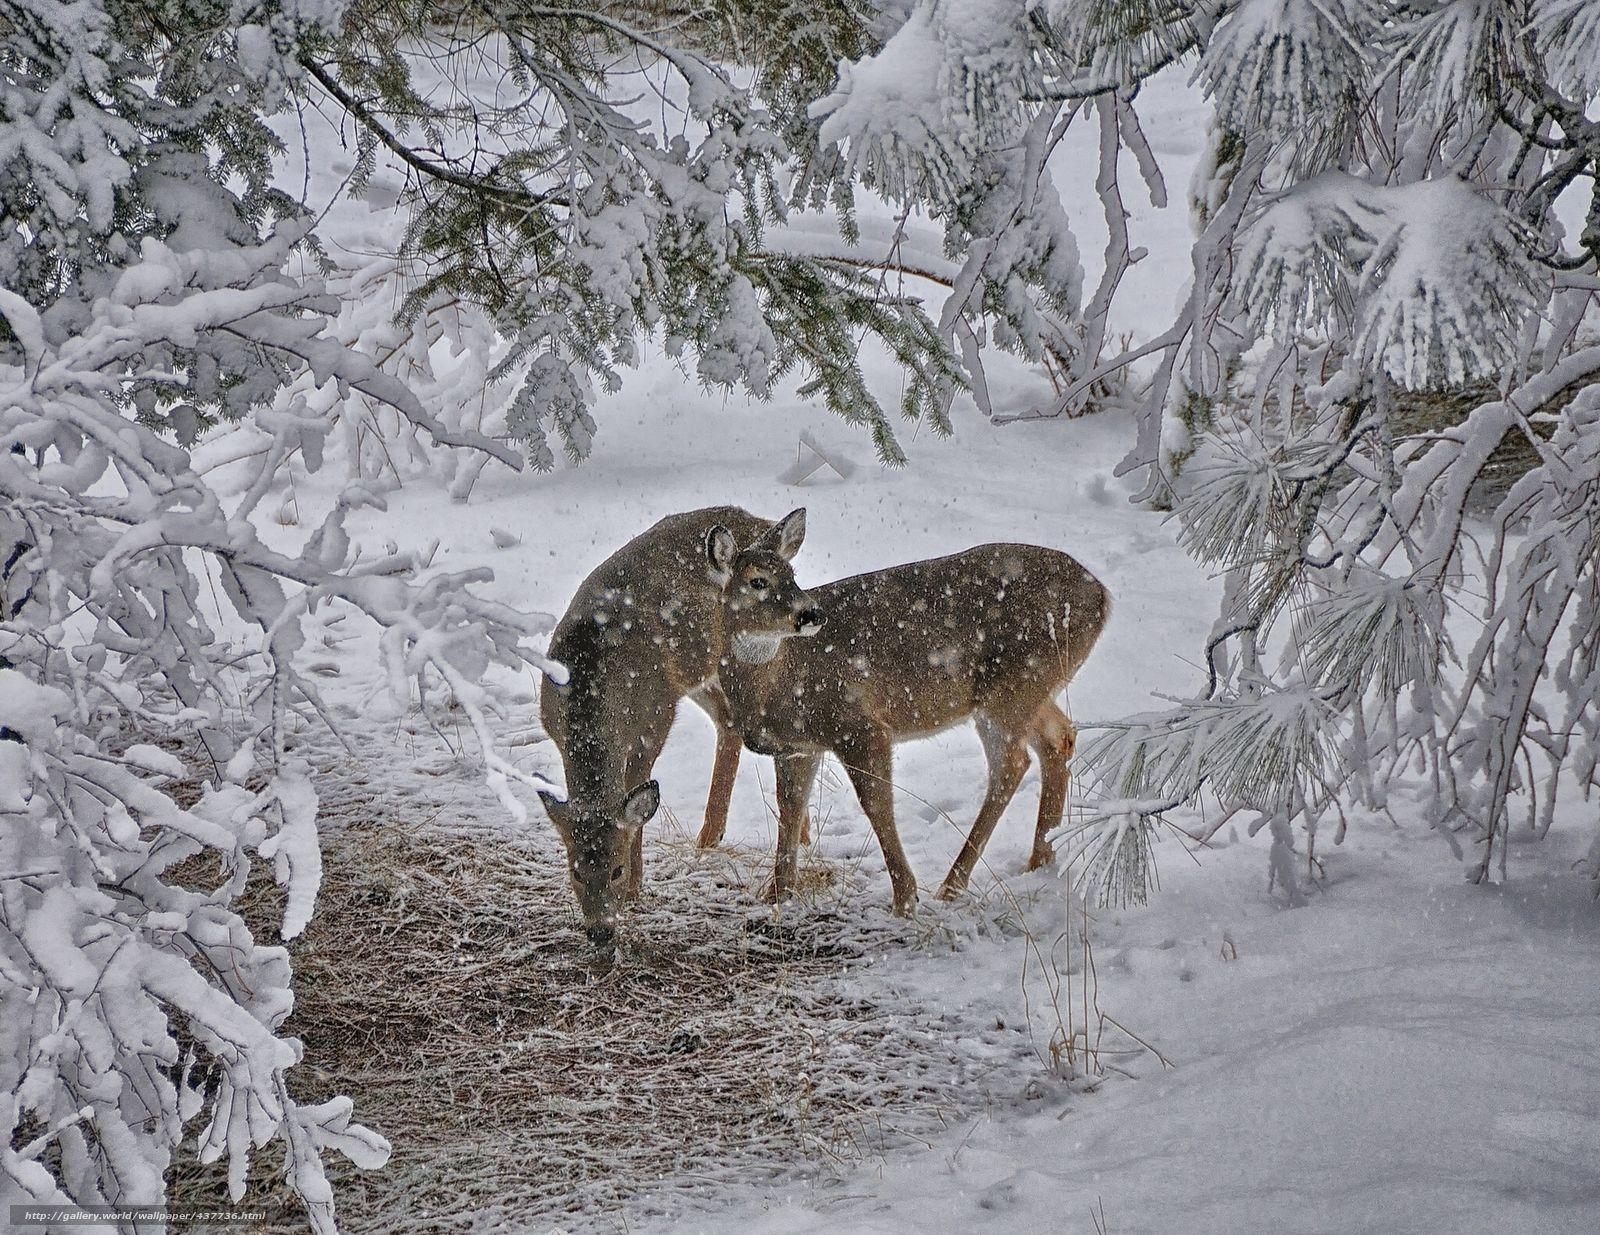 Download Hintergrund Winter, Schnee, Wald, Hirsch Freie desktop ...